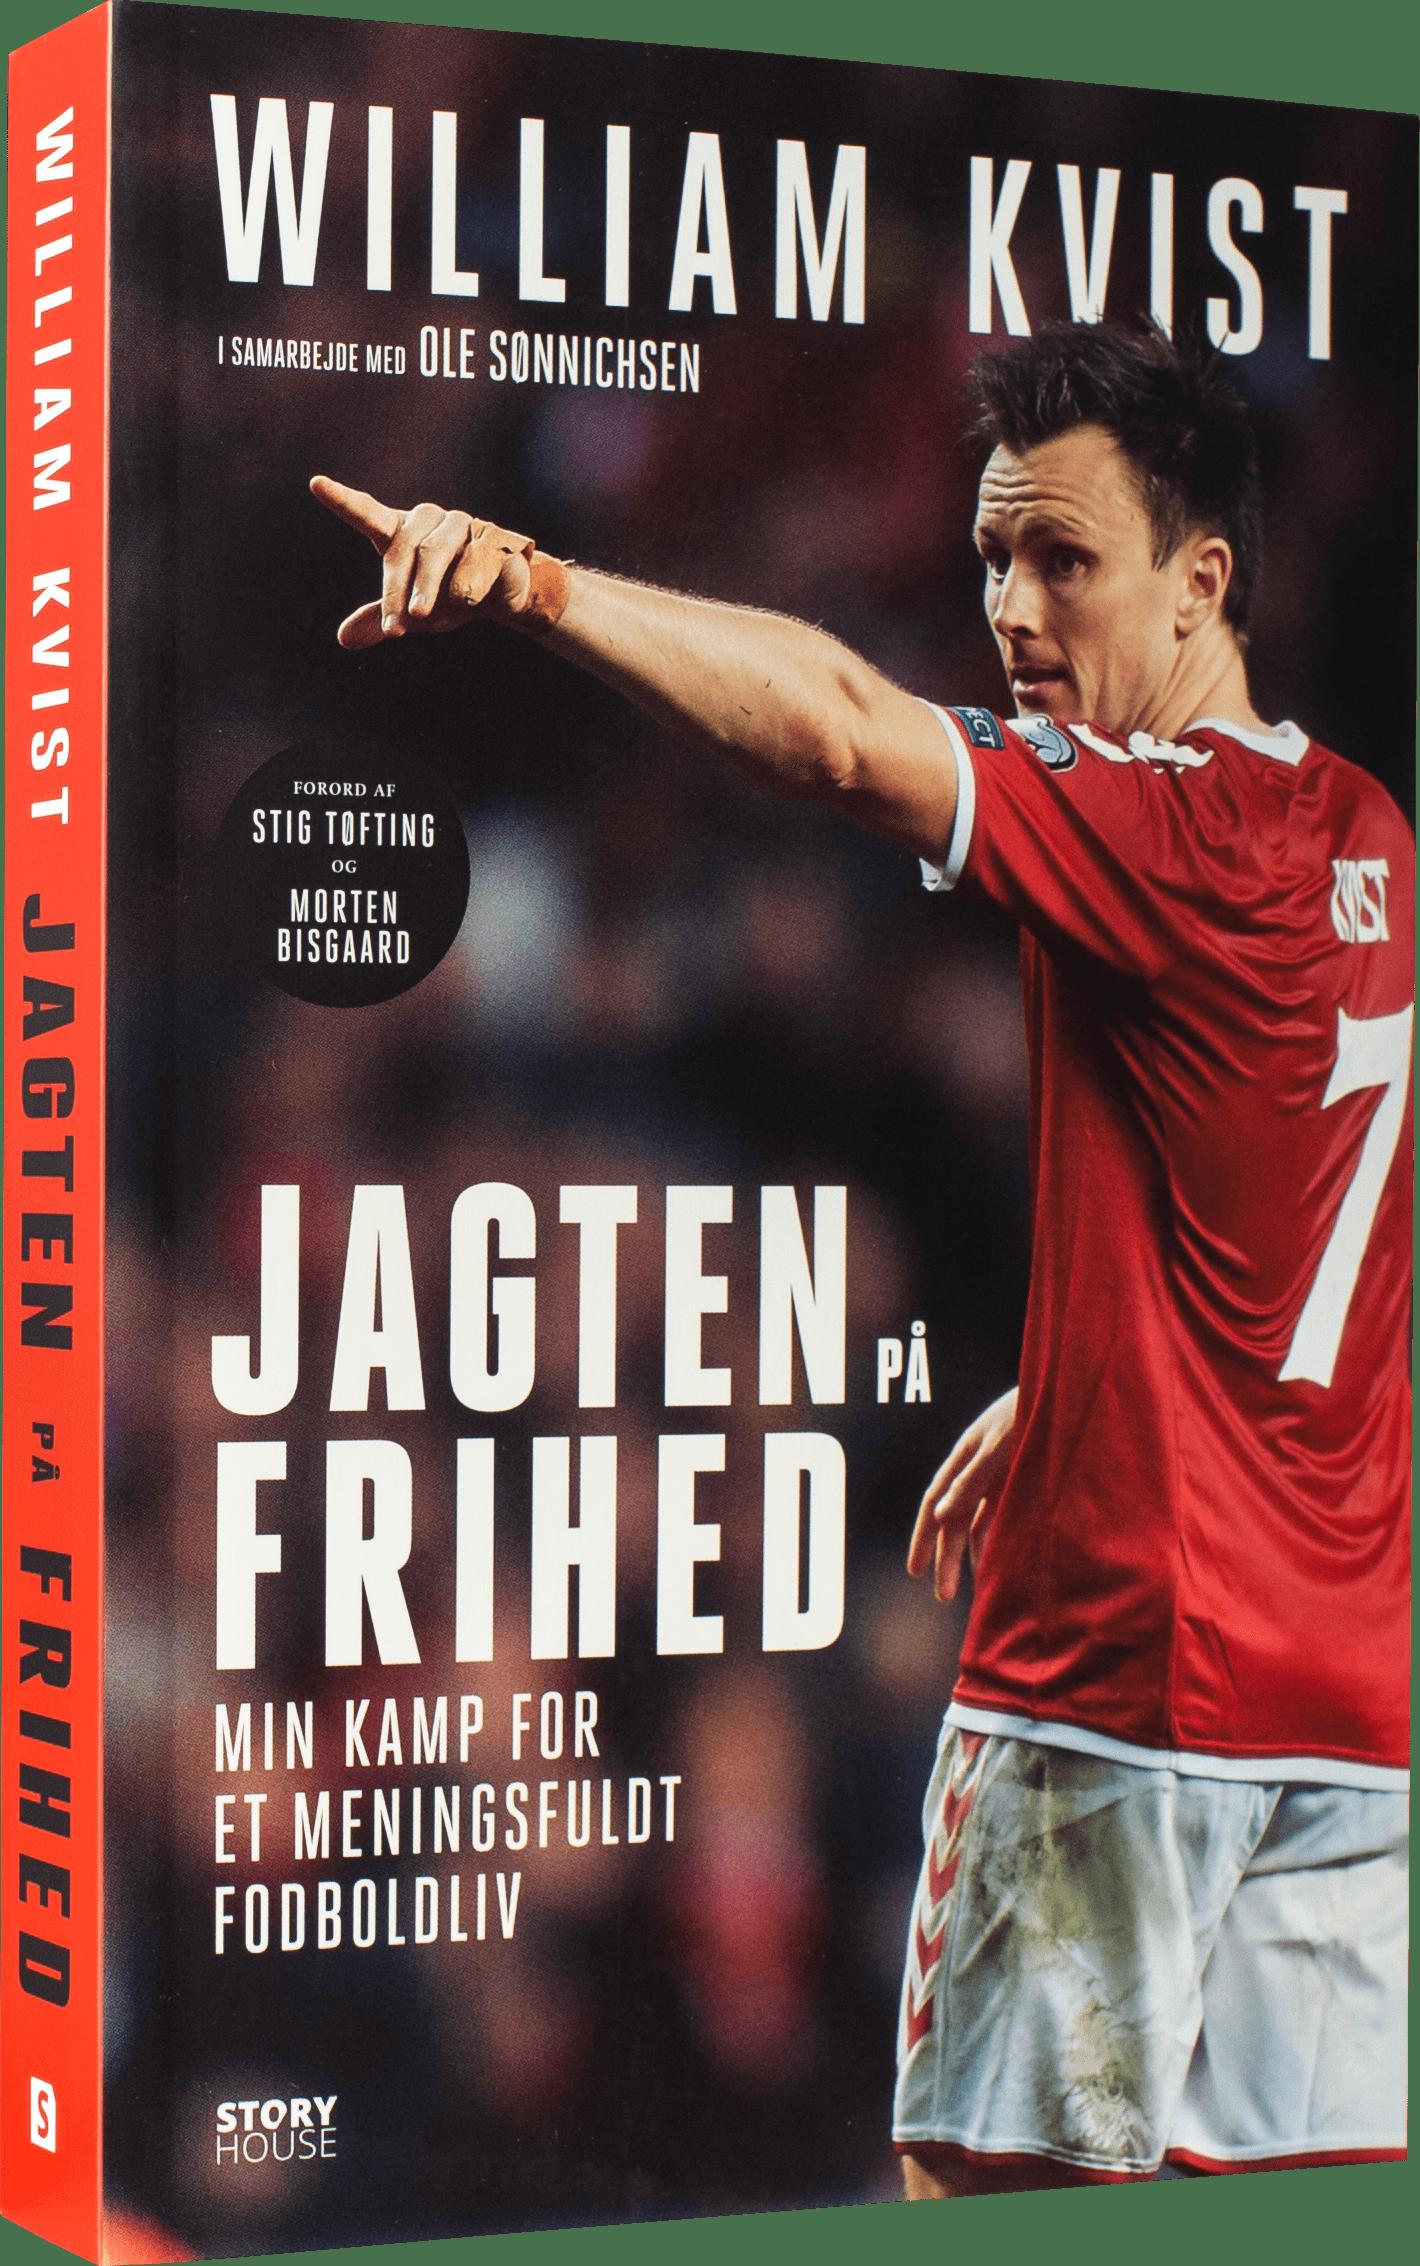 William Kvist, landsholdet, læs med landsholdet, fodbold, fodboldbog, fodboldbøger, vm i fodbold